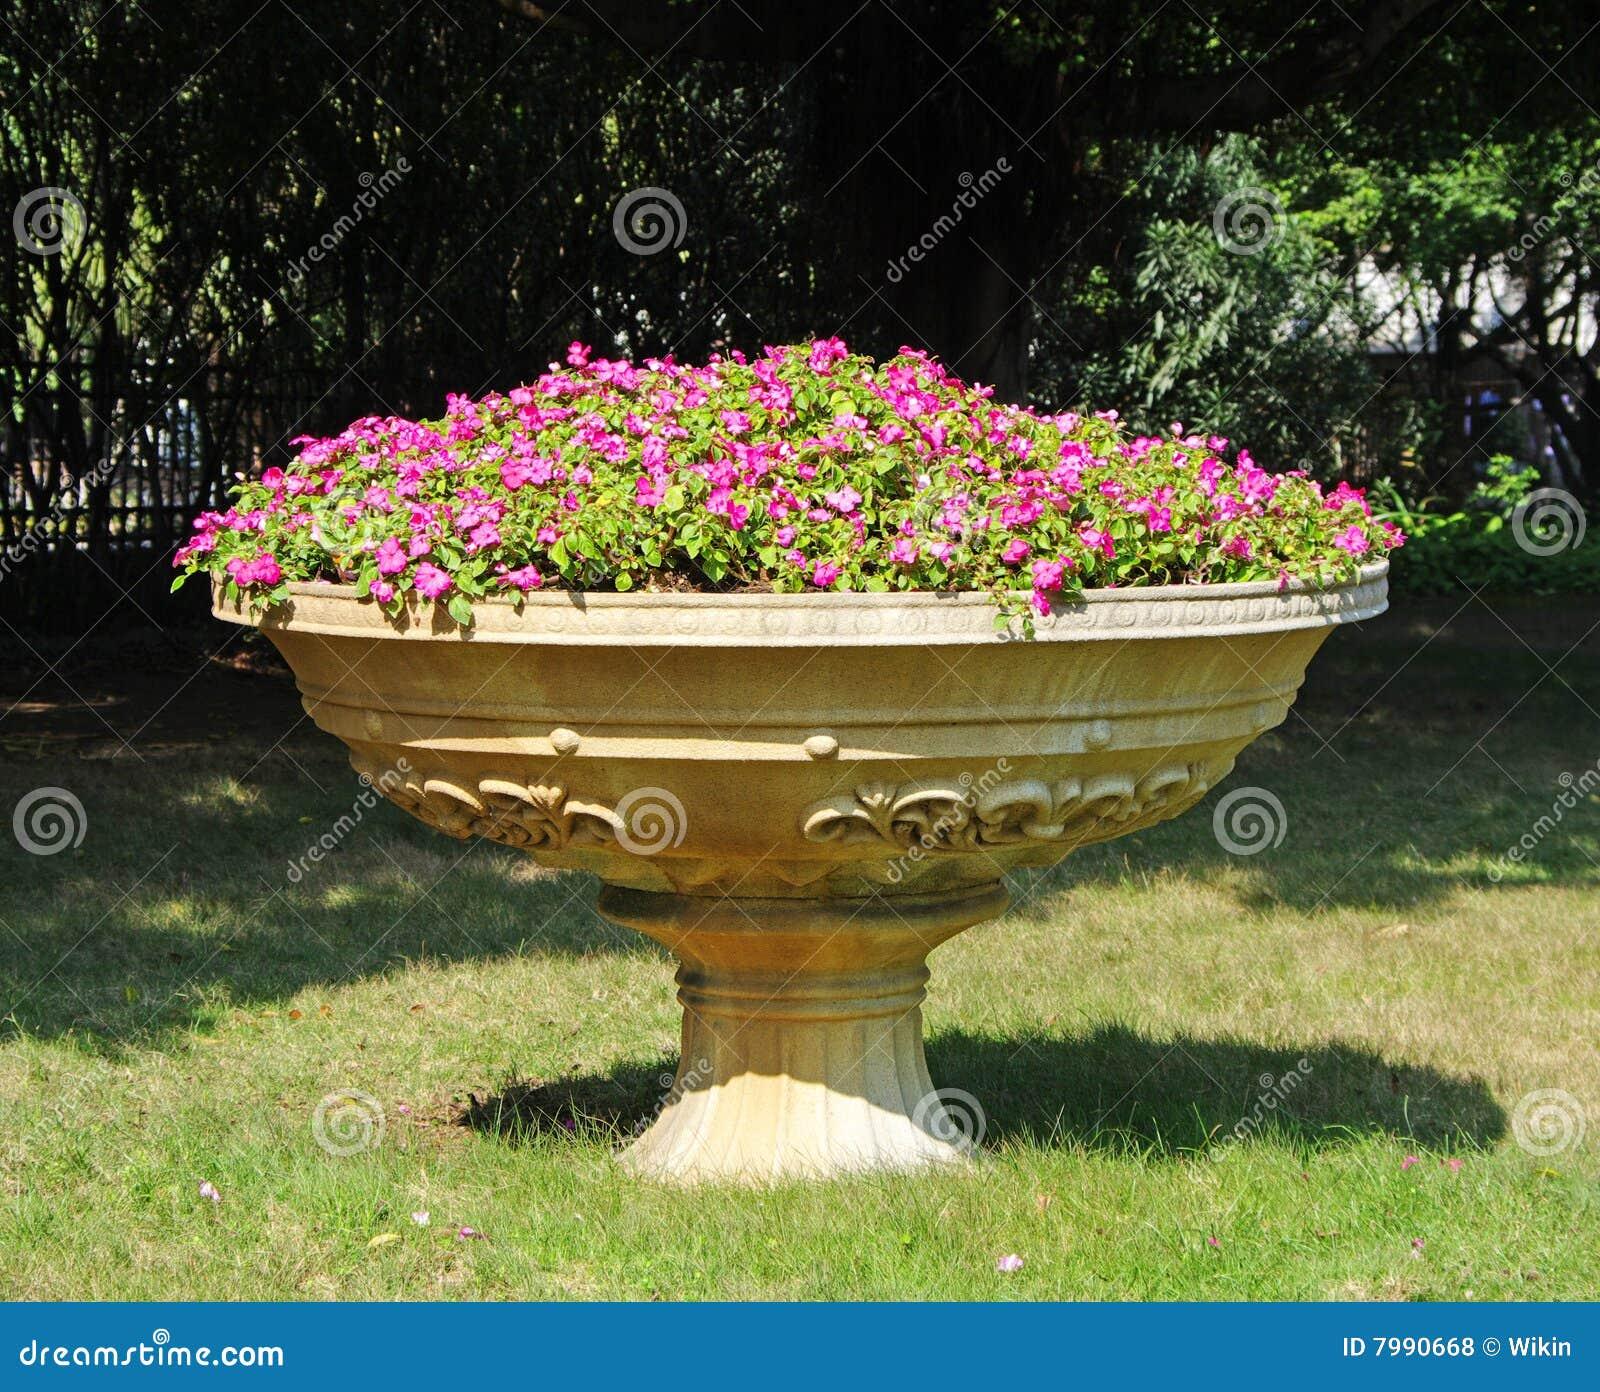 Een Grote Bloempot Met Bloemen Royalty vrije Stock Foto u0026#39;s   Afbeelding  7990668